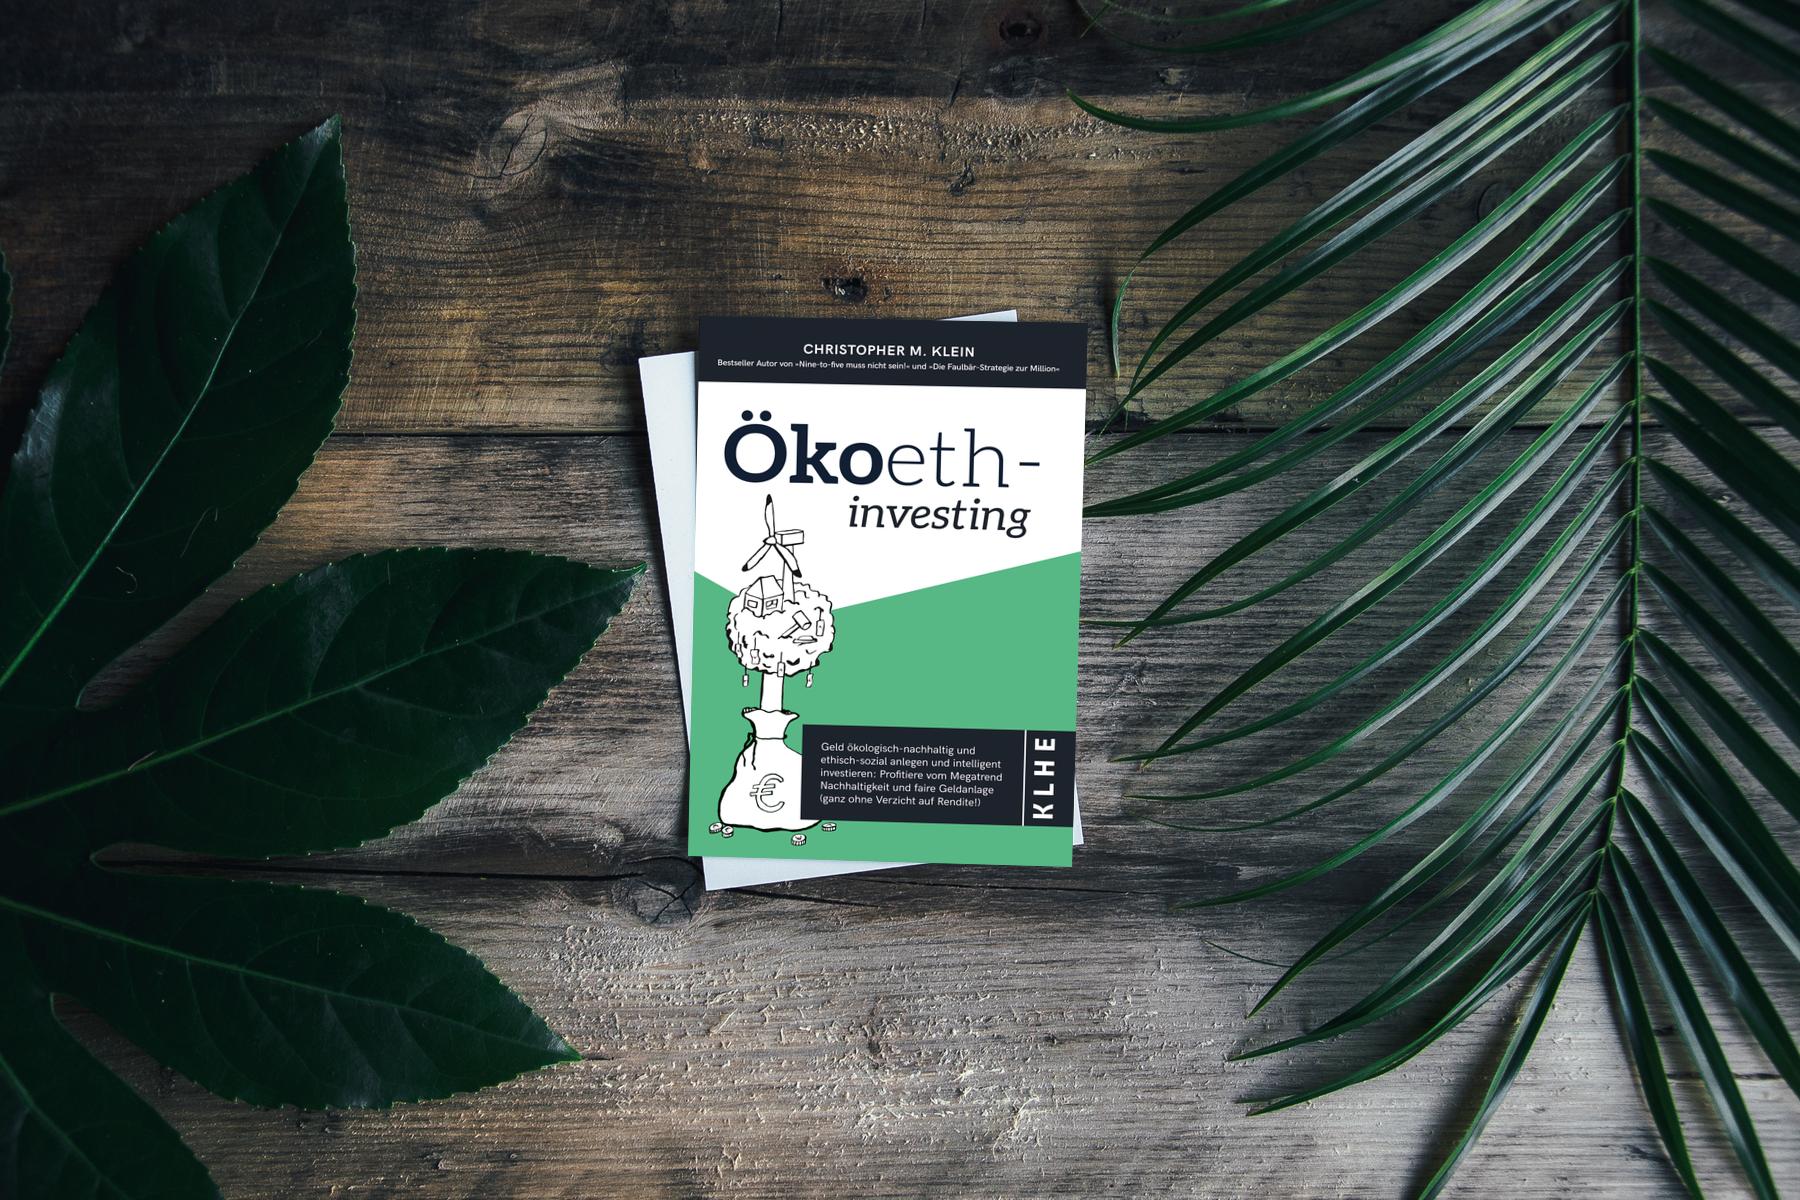 Ökoethinvesting - Das aktuelle Buch von Christopher M. Klein - erschienen 2018 im KLHE Verlag. 158 Seiten für 14,99€.